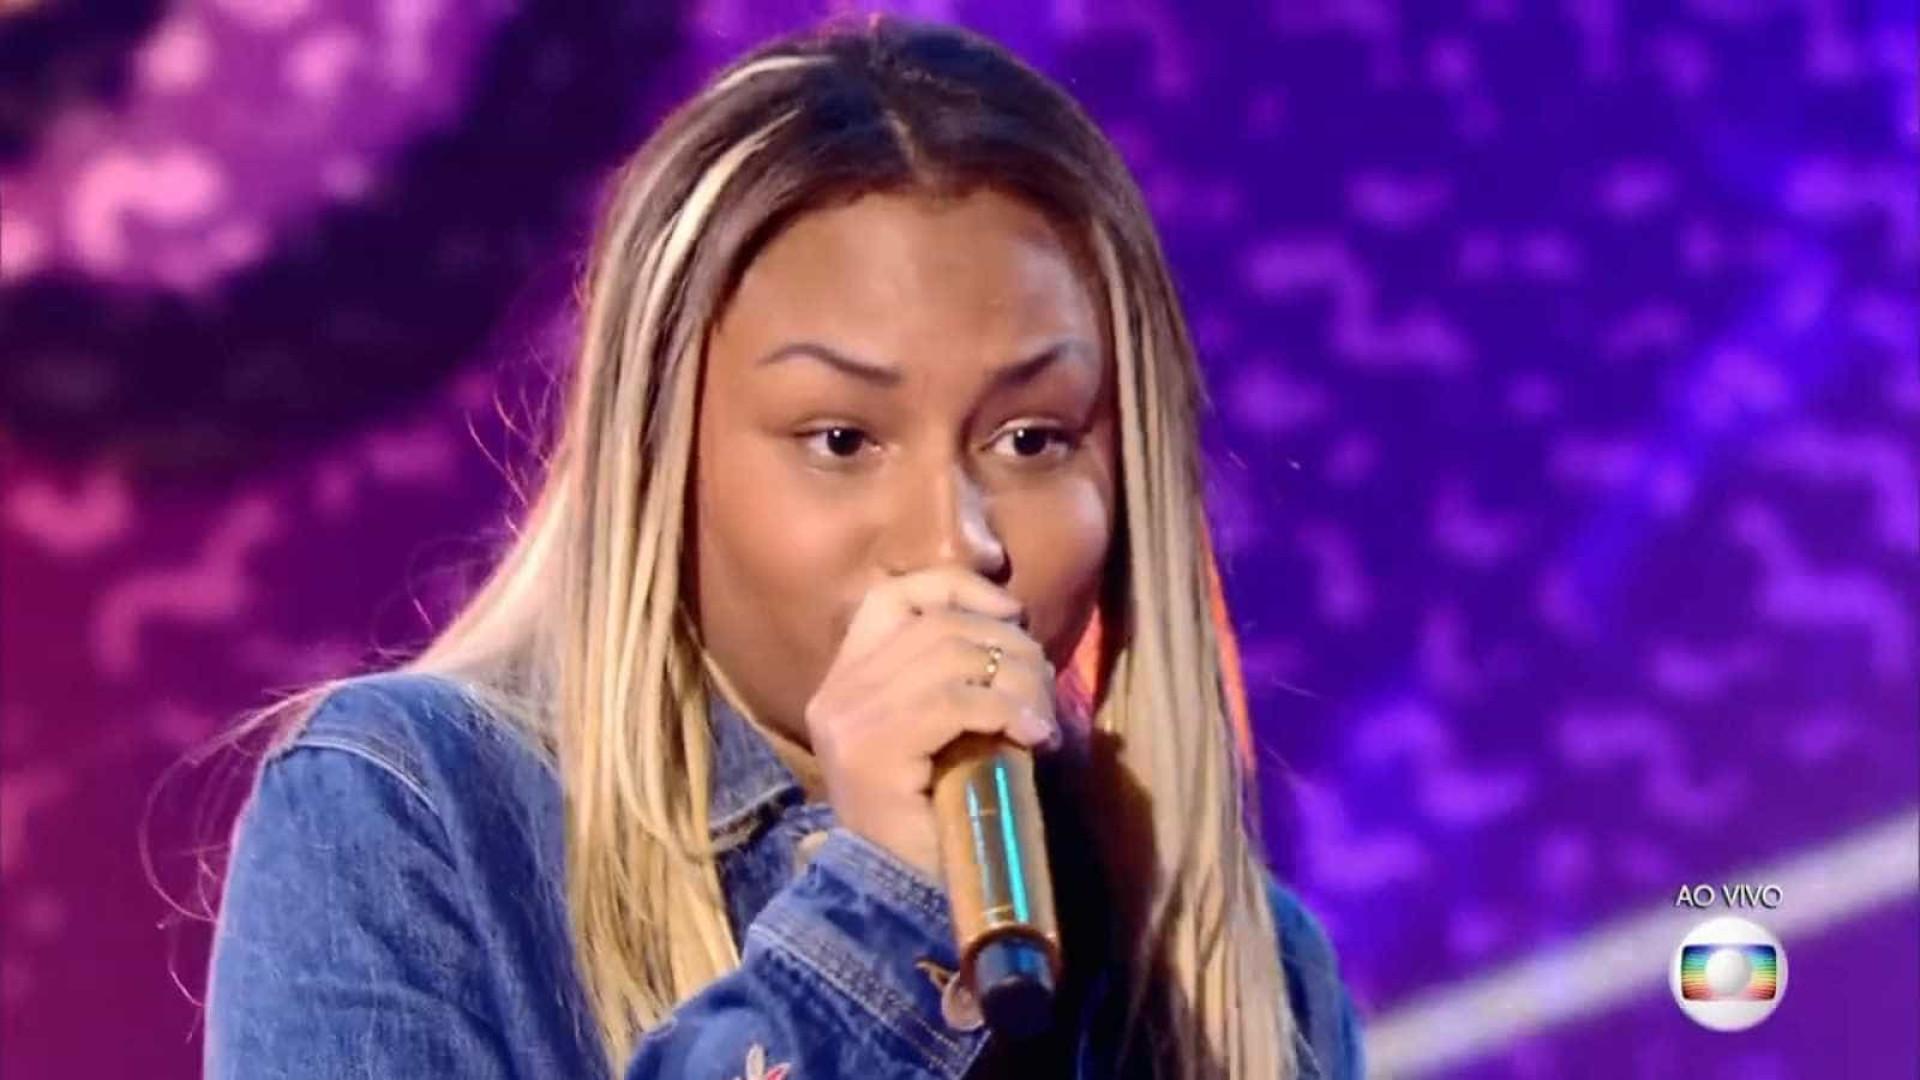 Com sobrinha na final do TVK, cantora desabafa: 'Cor negra incomoda'